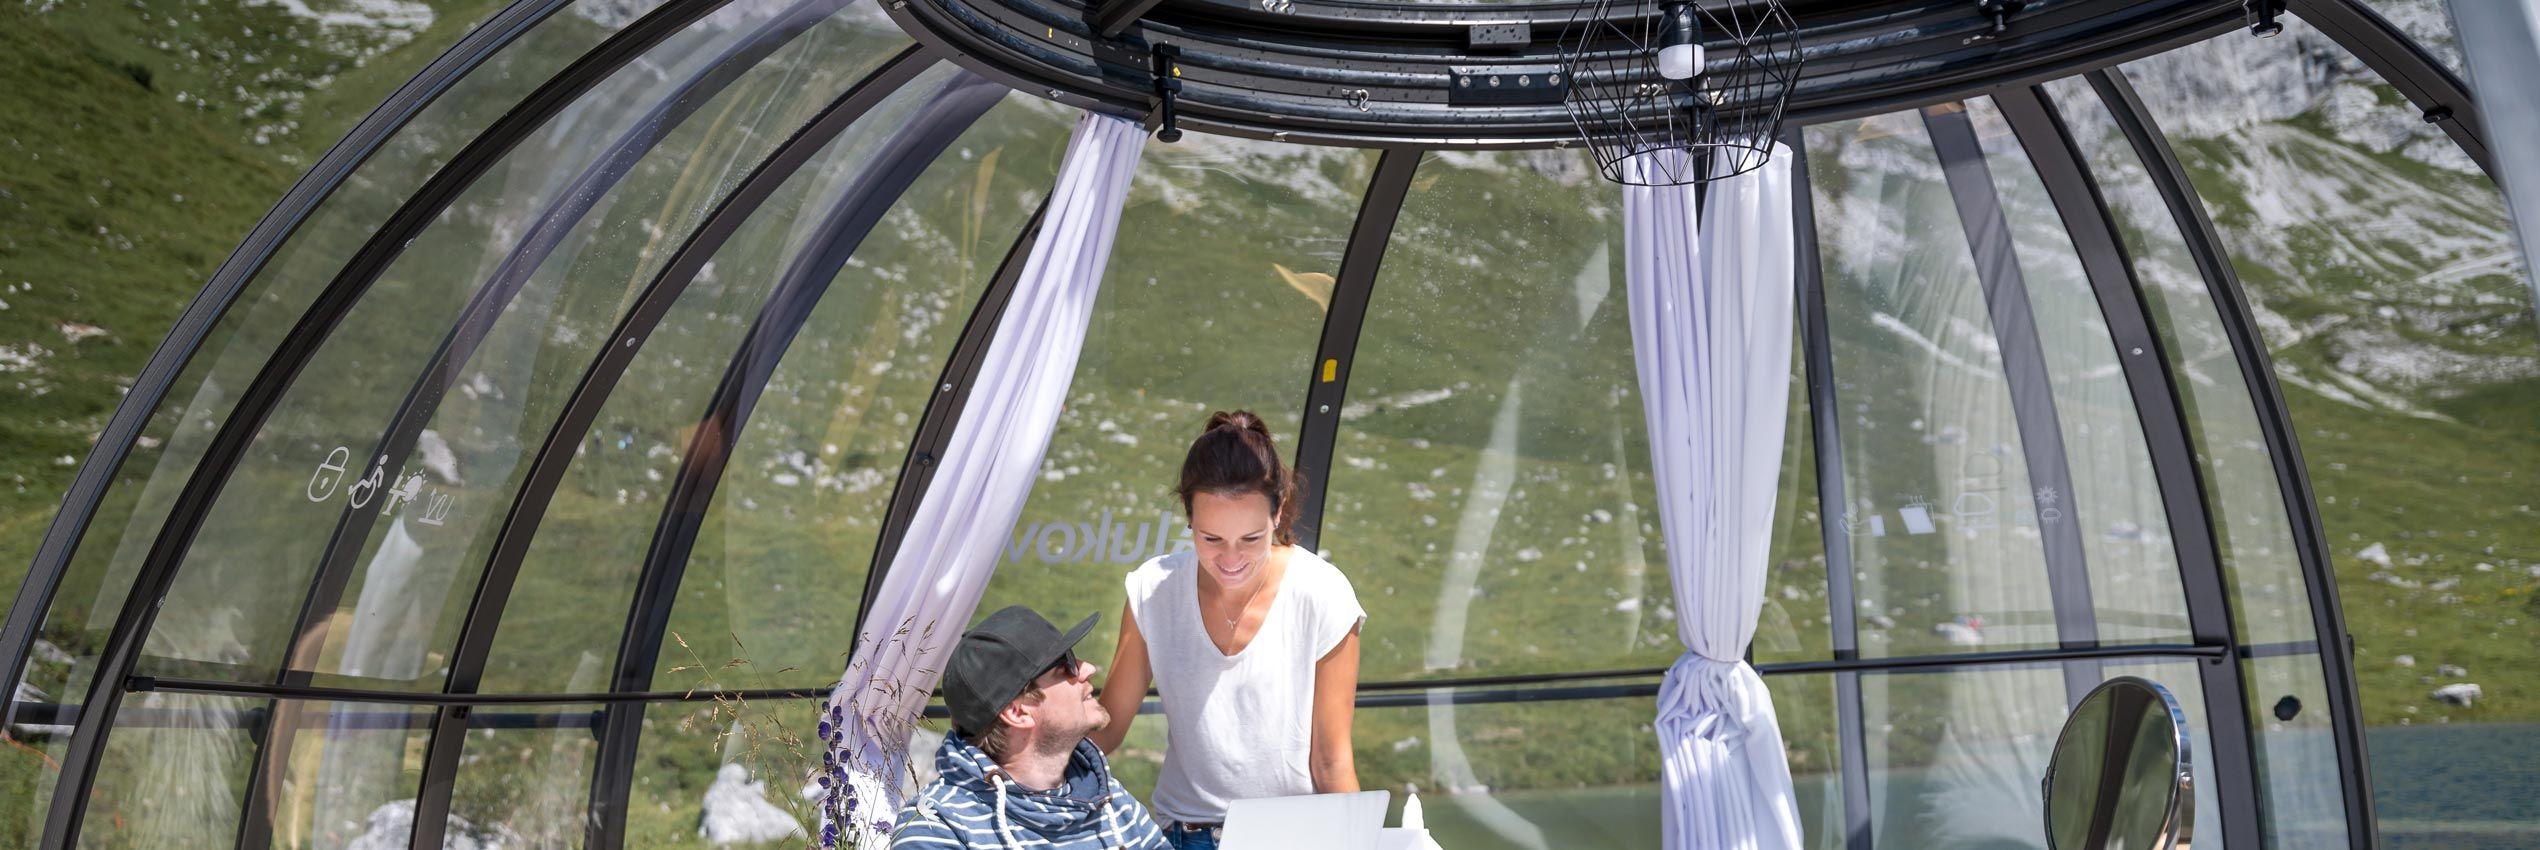 Acoperire Spa Dome Orlando Deschisa